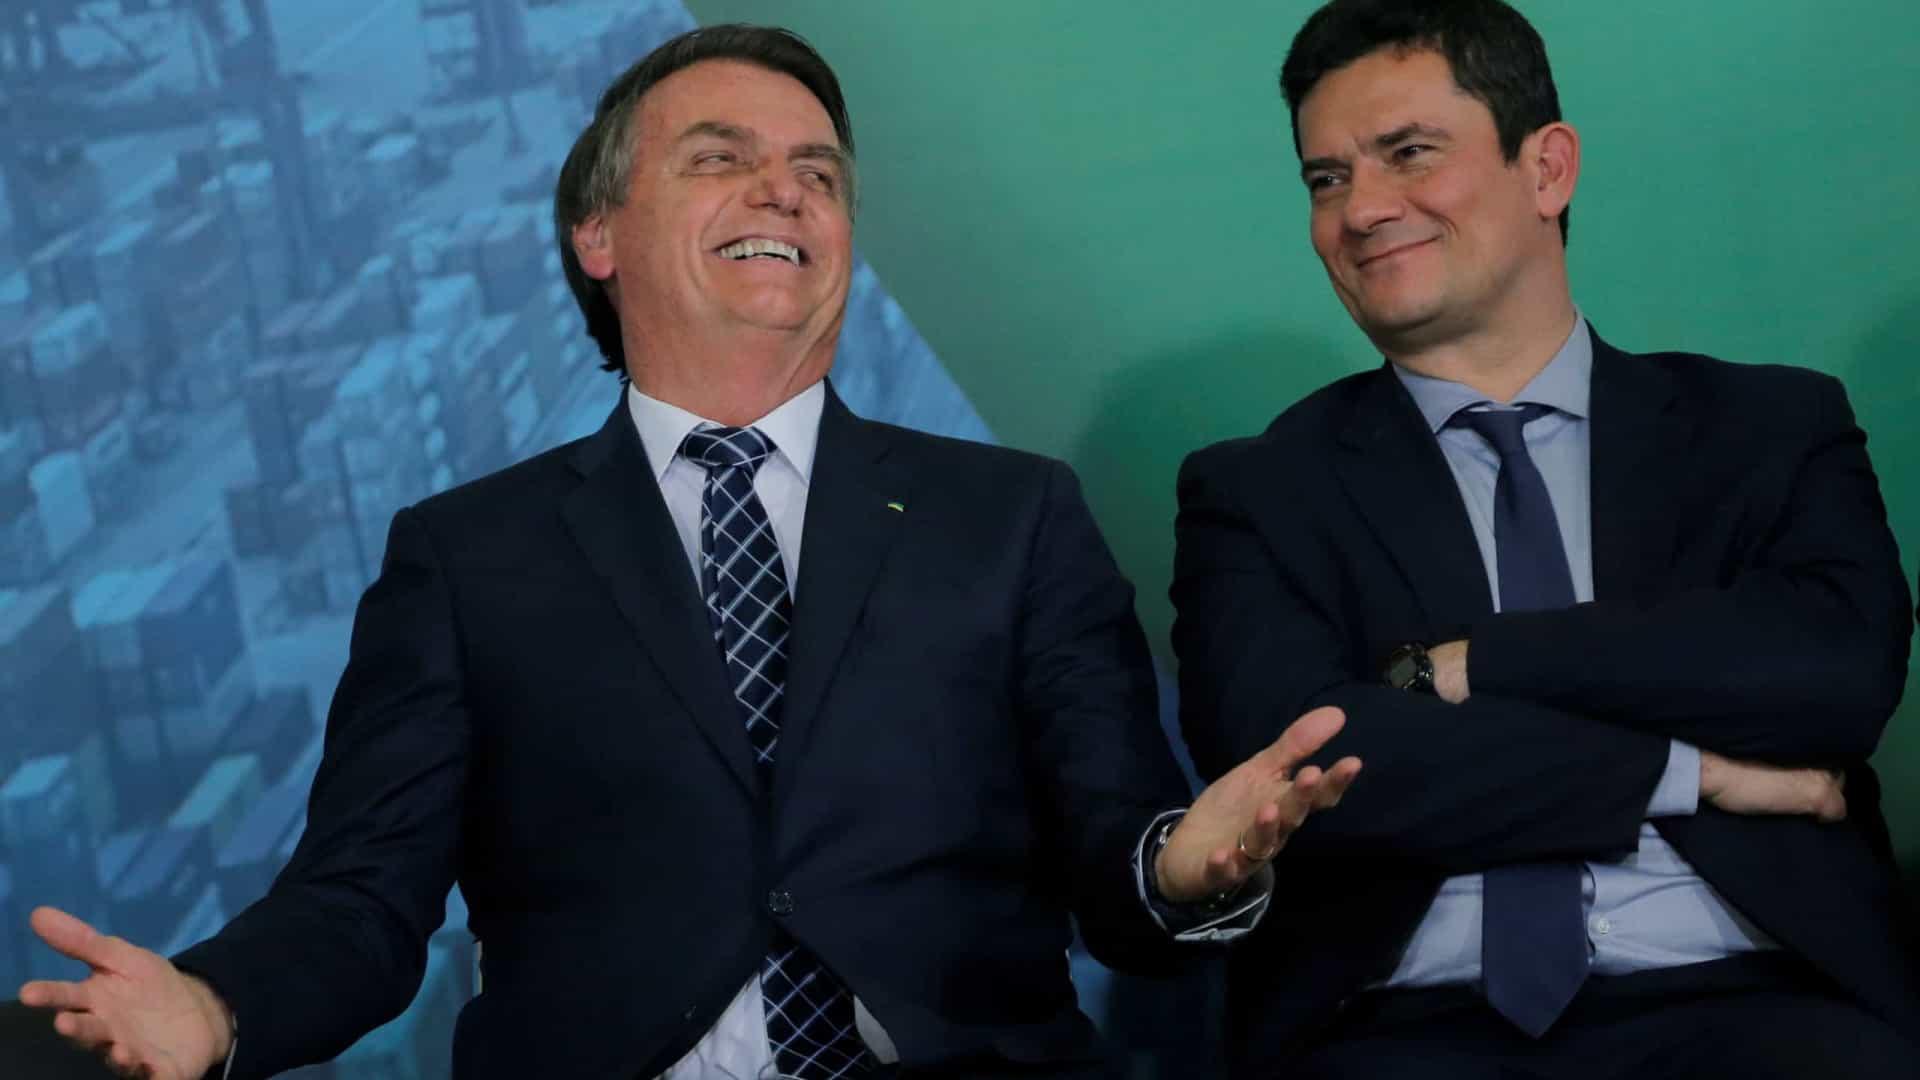 naom 5ec7b3b6decbc - Projeto piloto de Bolsonaro e Moro para combater crime termina em fracasso